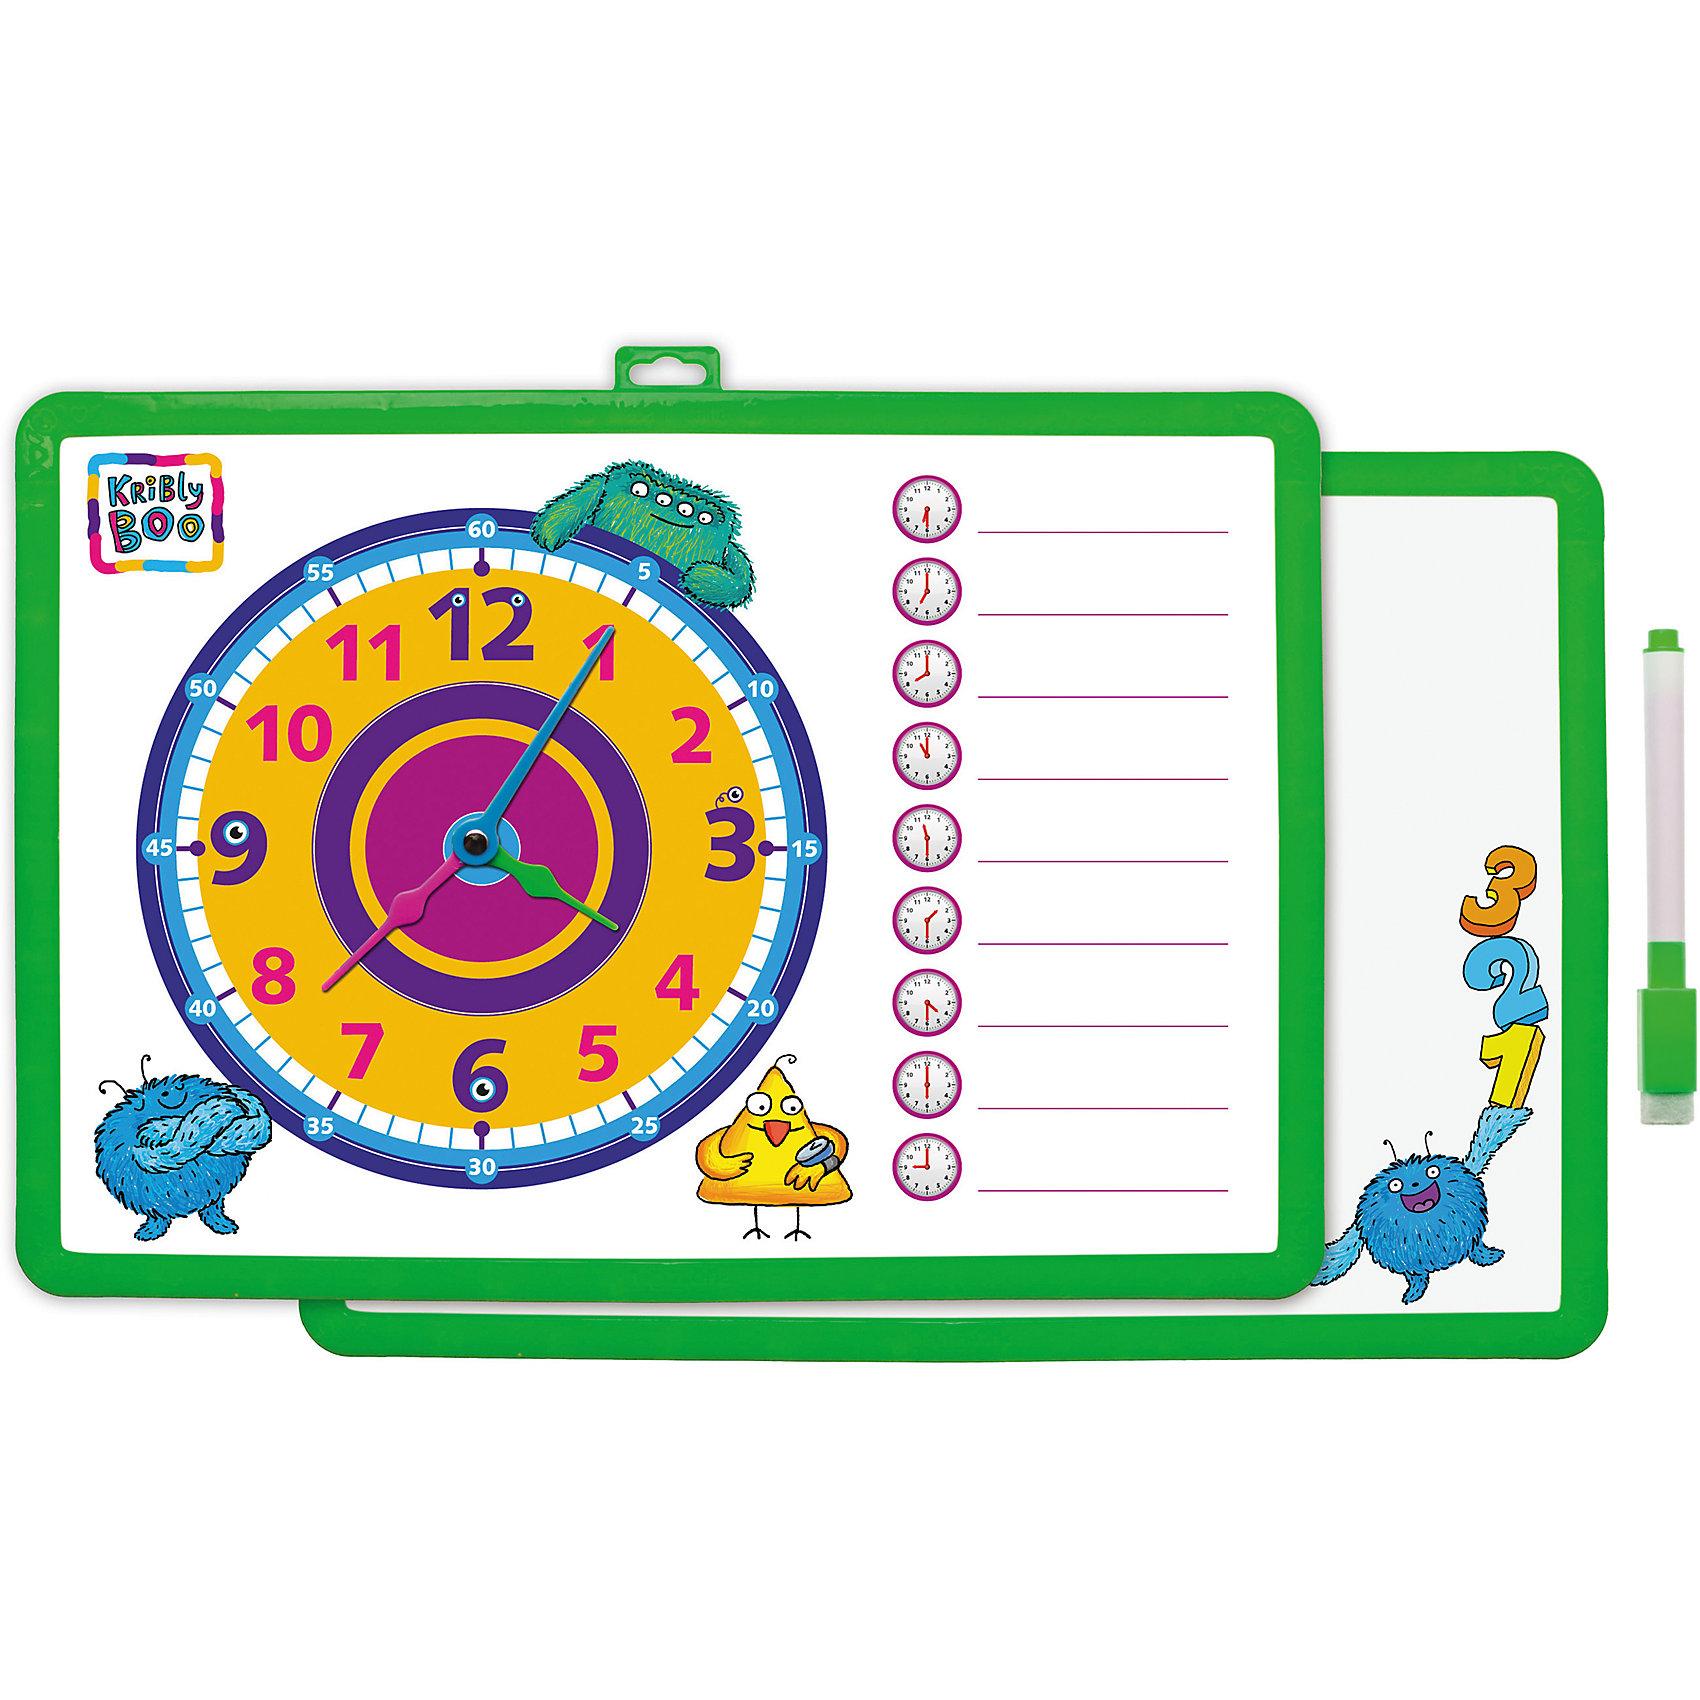 Доска-часы двусторонняя, с маркером (зеленая)Доски для рисования<br>Характеристики товара:<br><br>• цвет: зеленый<br>• материал: полимер<br>• размер: 25х34 см<br>• вес: 180 г<br>• комплектация: доска-часы, маркер<br>• возраст: от трех лет<br>• страна бренда: Финляндия<br>• страна изготовитель: Китай<br><br>Такая доска сделает учебу легче и интереснее! Доска выпонена в приятной яркой расцветке. С помощью неё ребенок легко научится узнавать время, сможет рисовать, а также будет тренировать внимательность, абстрактное мышление, логику, усидчивость. Комплект будет полезен собирающимся идти в школу, а также младшим школьникам. <br>На одной стороне изделия - часы, на другой - поверхность для рисования. Доска выпущена в удобном формате, со всеми необходимыми предметами в наборе. Изделие производится из качественных и проверенных материалов, которые безопасны для детей.<br><br>Доску-часы двустороннюю, с маркером от бренда KriBly Boo можно купить в нашем интернет-магазине.<br><br>Ширина мм: 340<br>Глубина мм: 250<br>Высота мм: 10<br>Вес г: 183<br>Возраст от месяцев: 36<br>Возраст до месяцев: 84<br>Пол: Унисекс<br>Возраст: Детский<br>SKU: 5167803